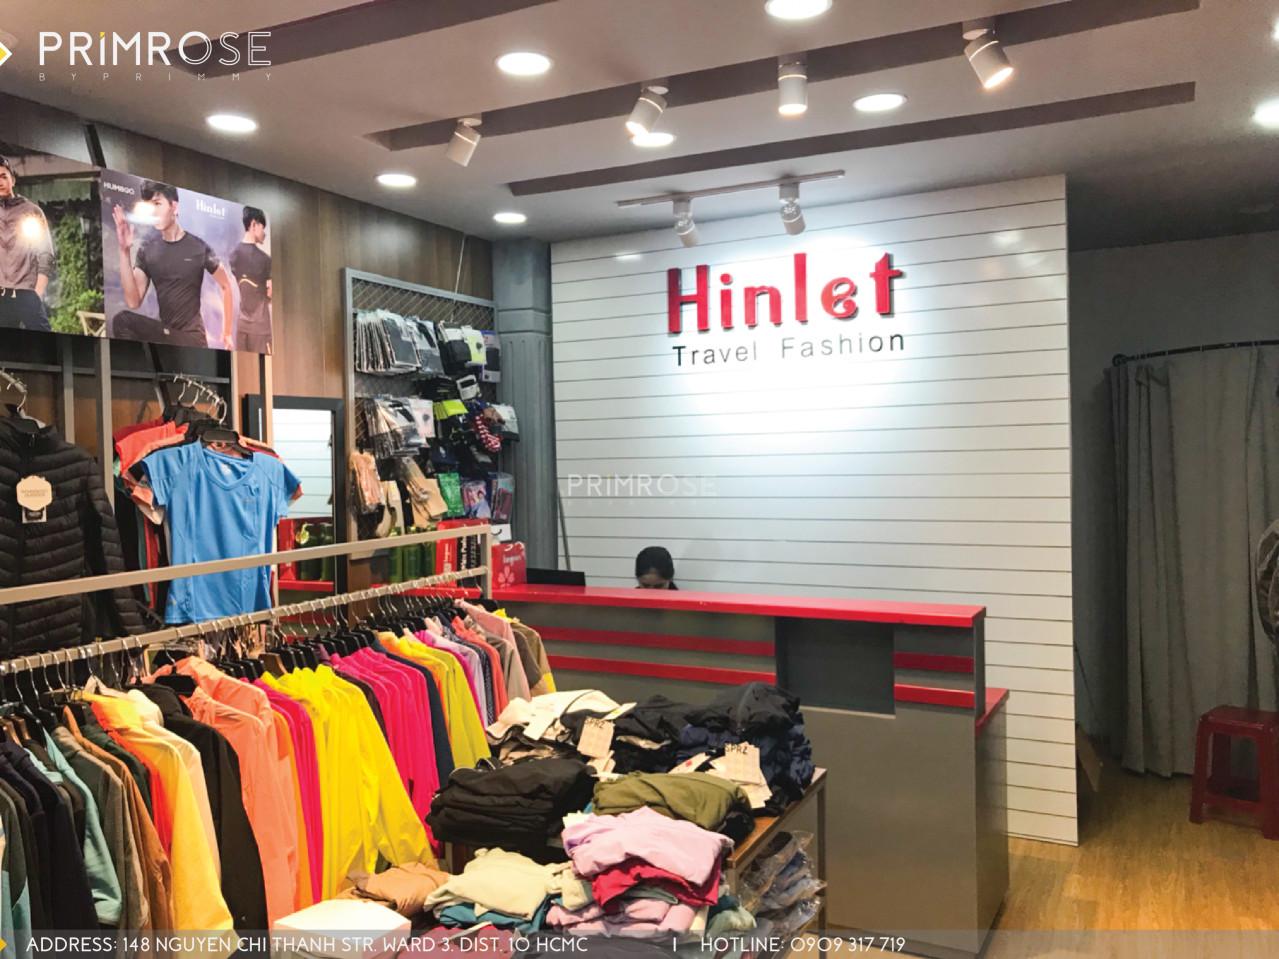 Hinlet – Cửa hàng thời trang thể thao đẳng cấp